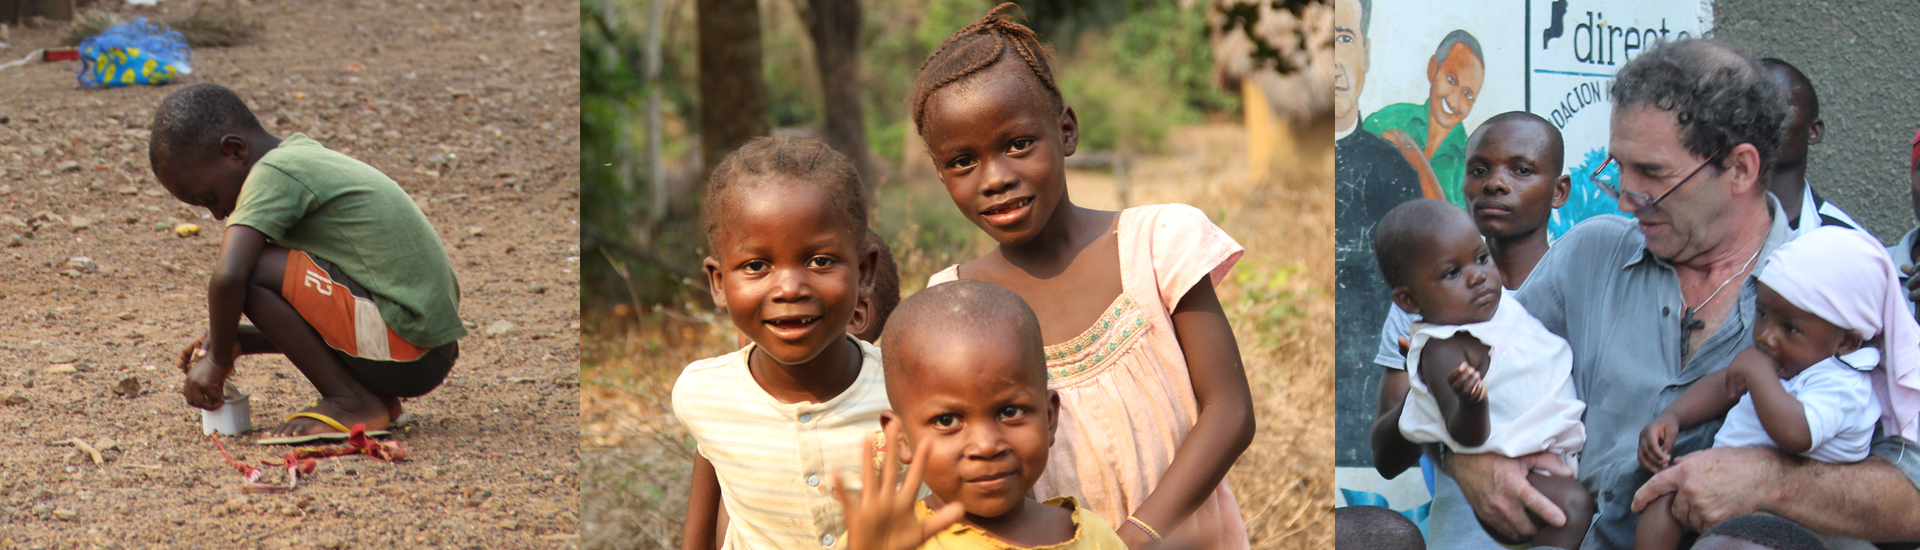 Día Universal de la Infancia. Derechos vulnerados de los niños y niñas